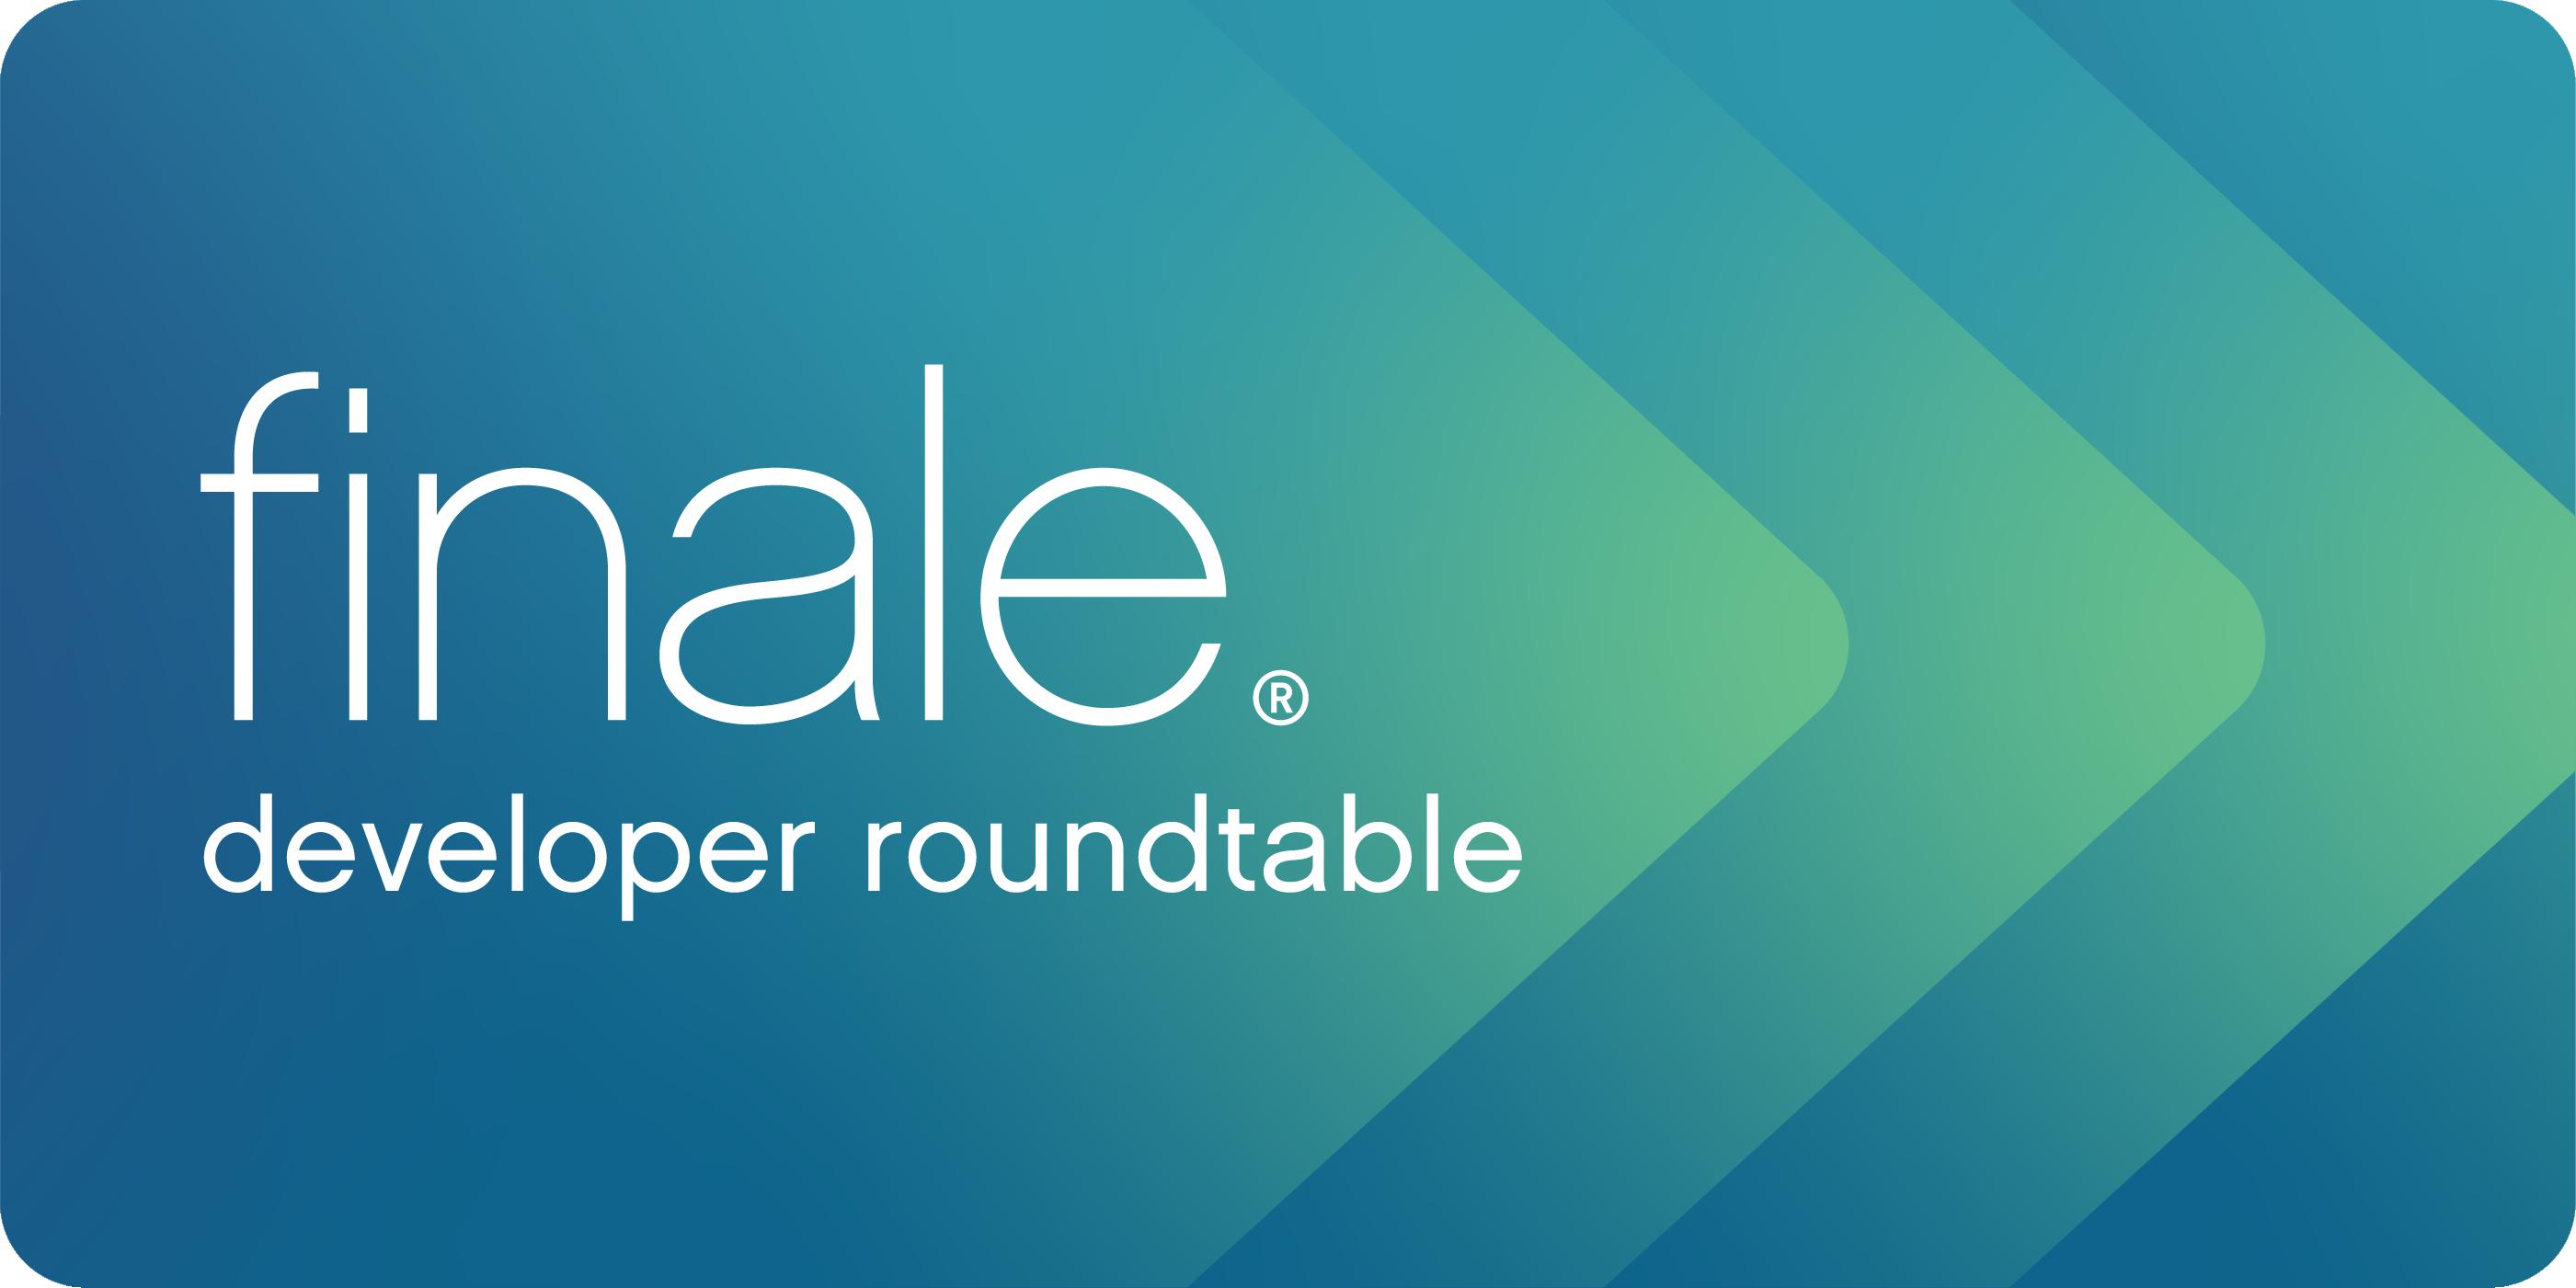 developer roundtable